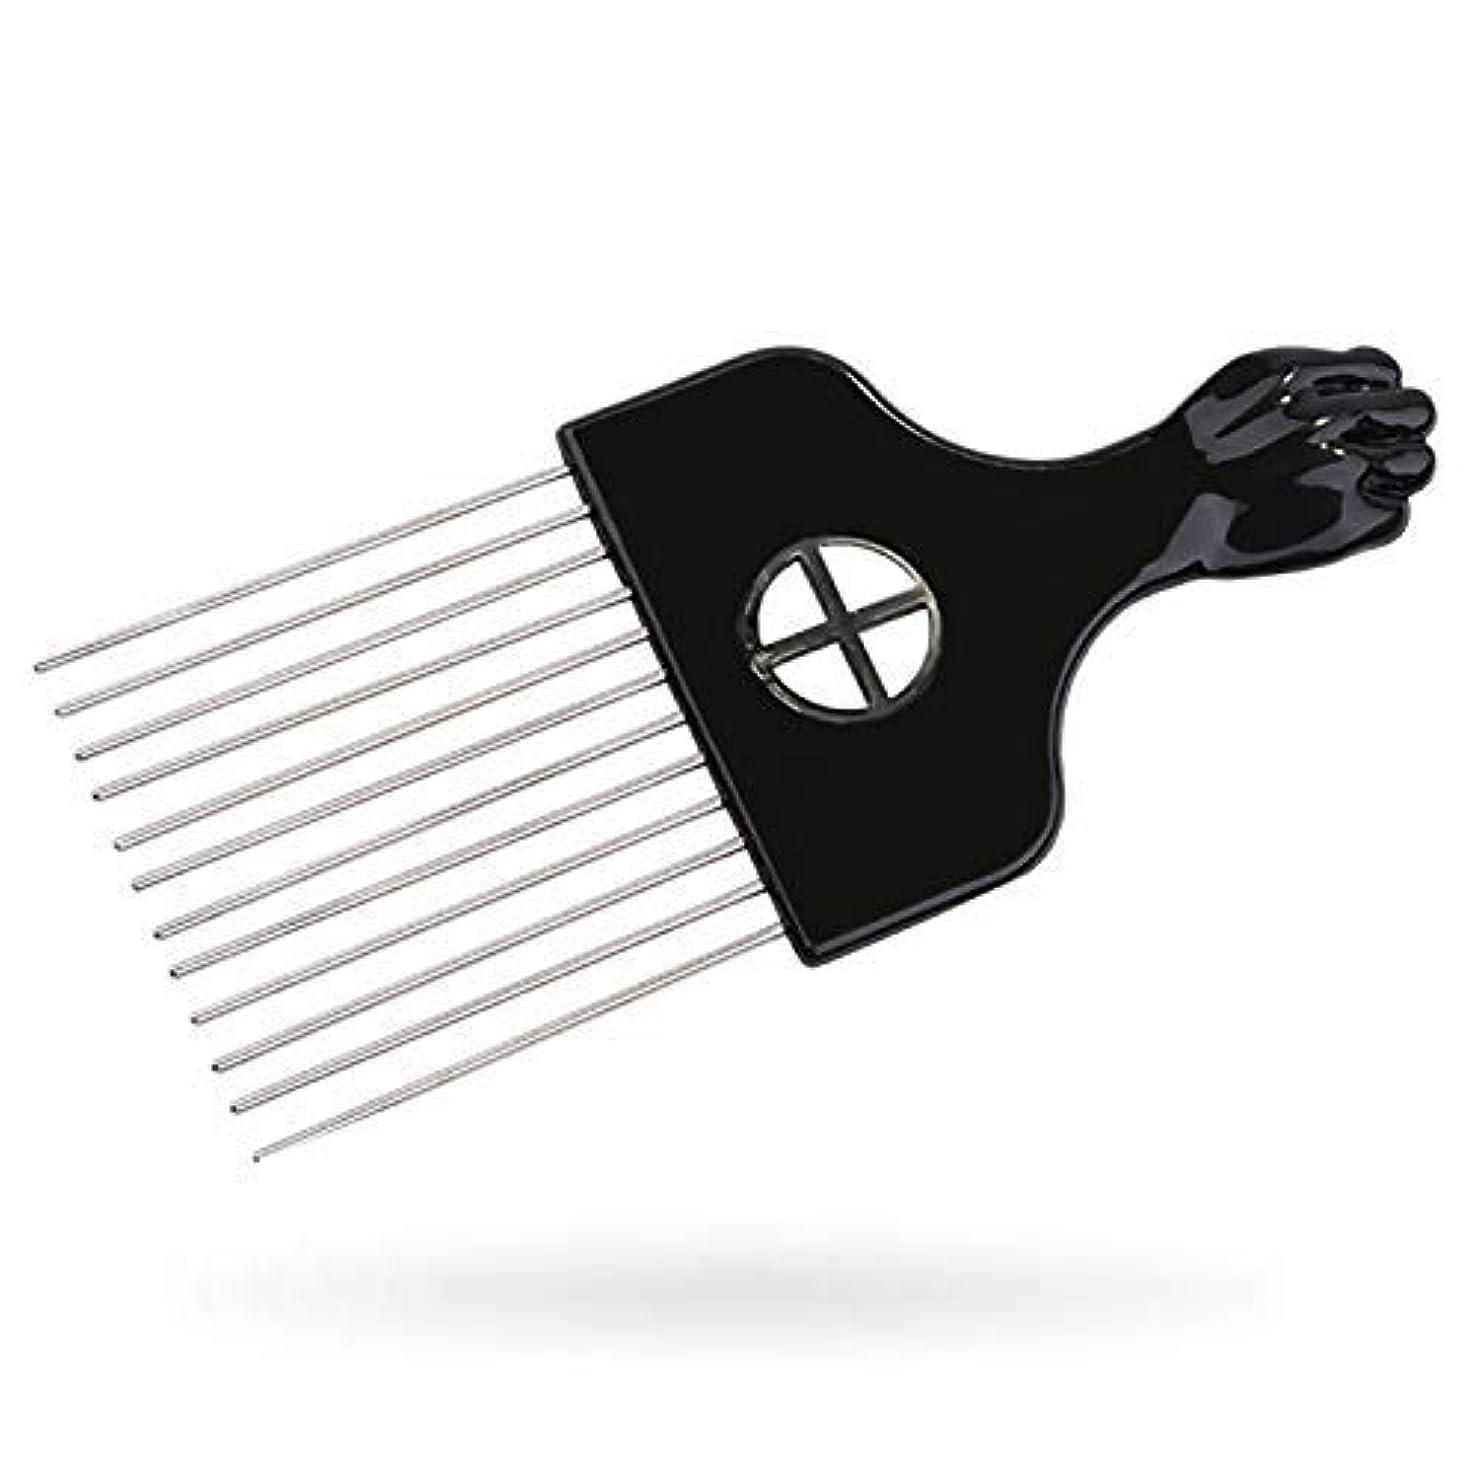 チャールズキージングさまよう芸術的Afro Pick, Hair Pick, Metal Pick Comb, Detangle Wig Braid Hair Styling Comb, Hair Brush(1 pack) [並行輸入品]